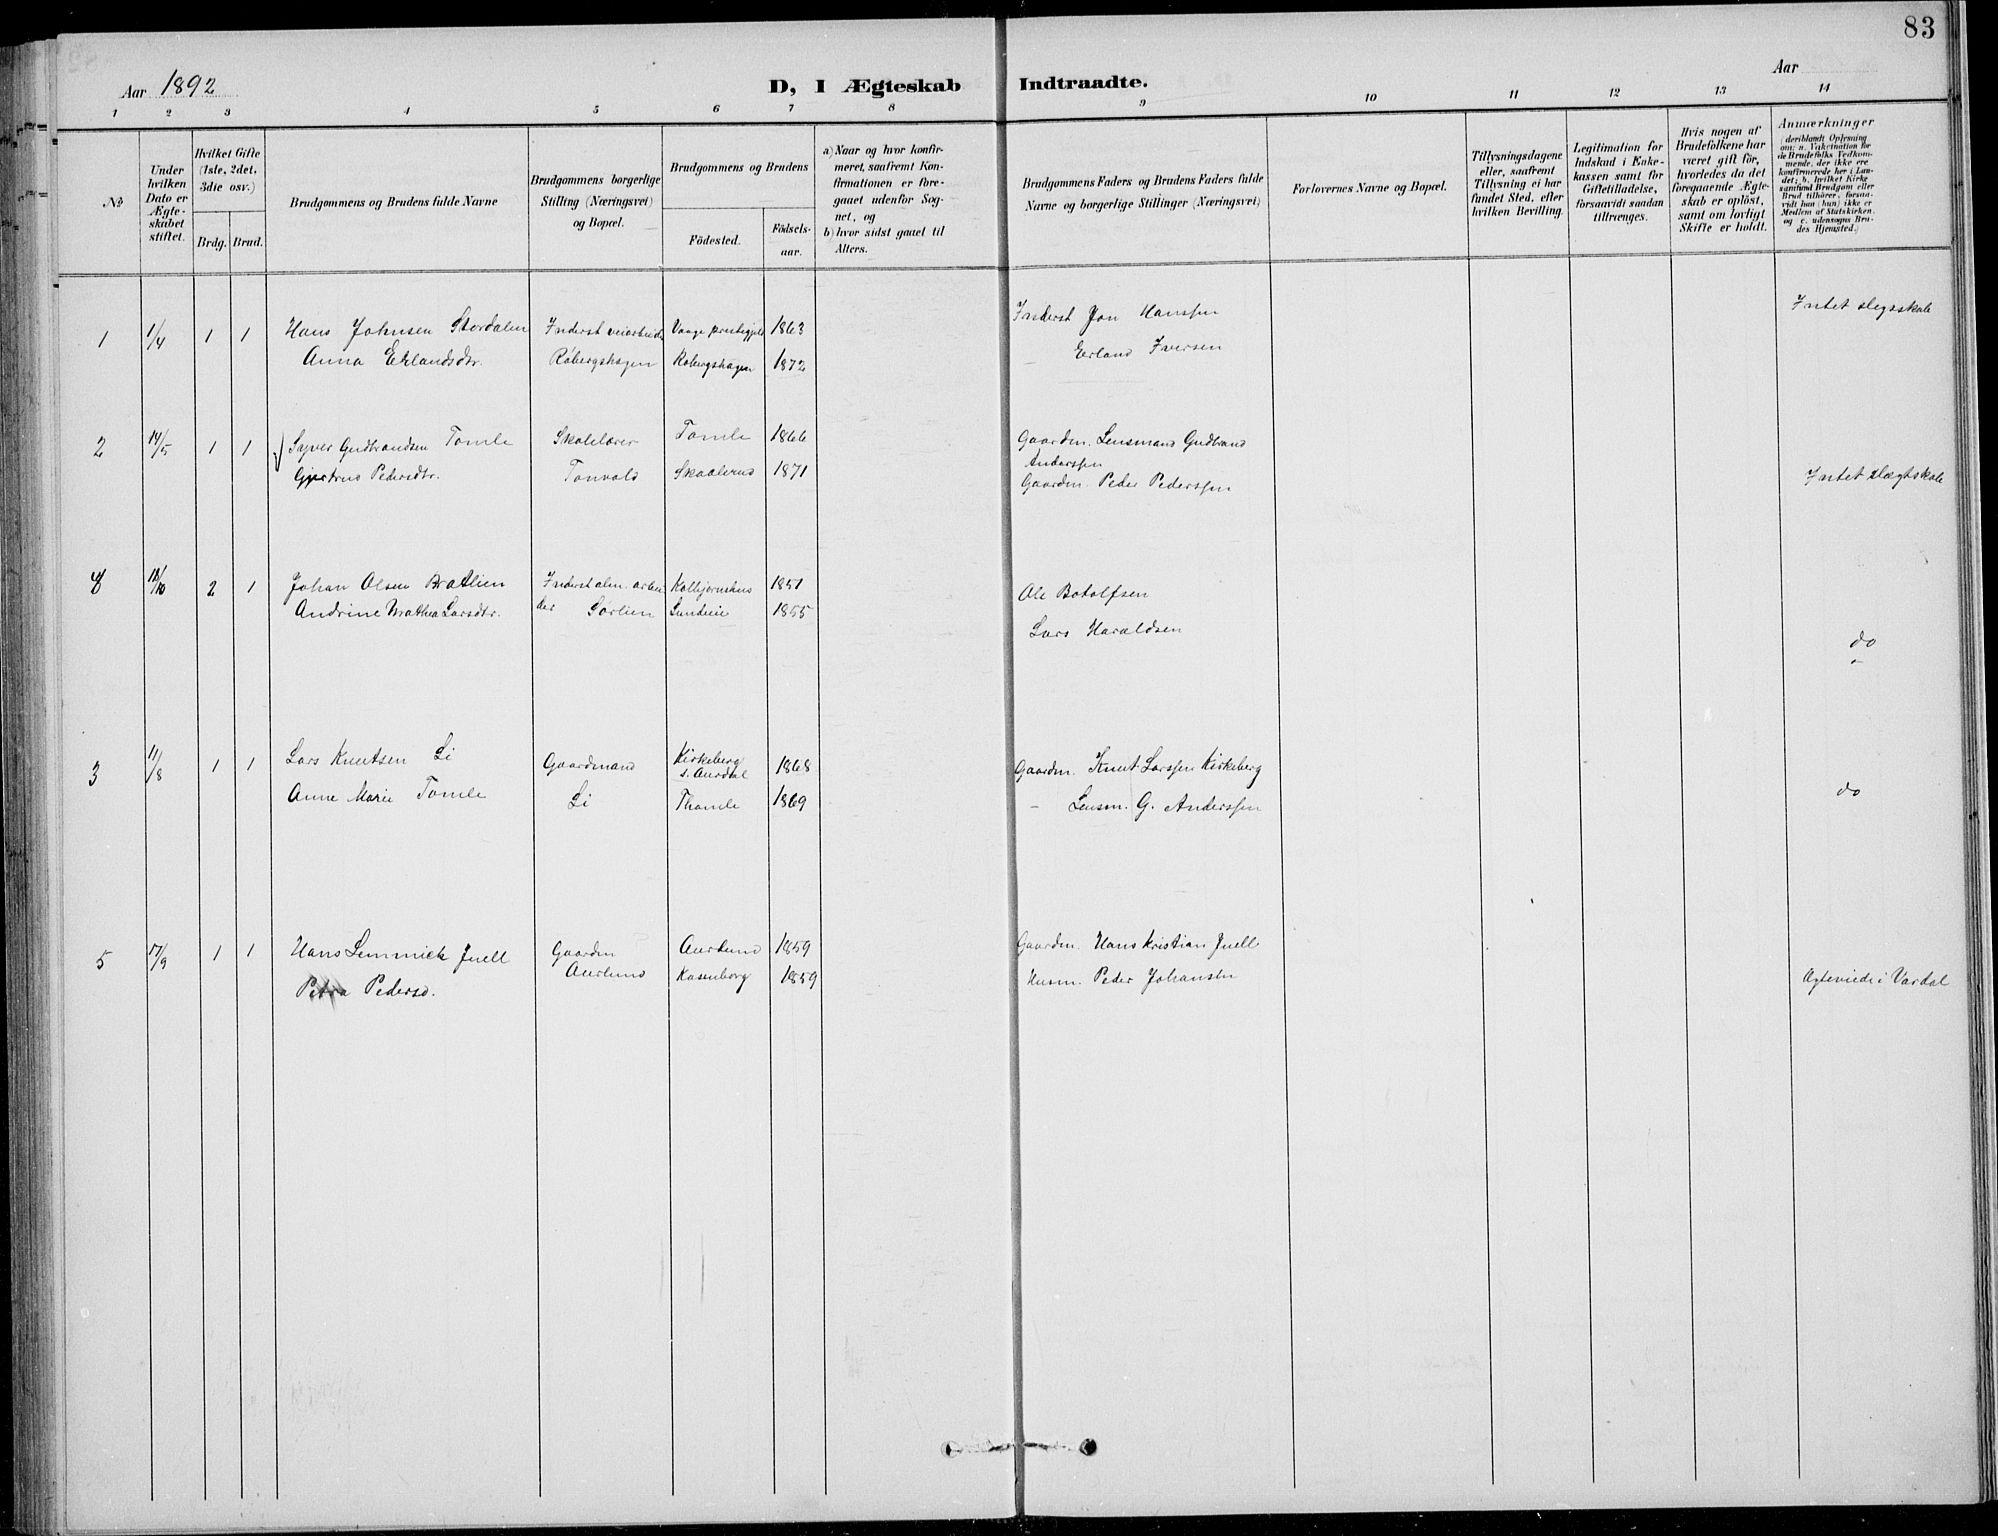 SAH, Nordre Land prestekontor, Klokkerbok nr. 14, 1891-1907, s. 83